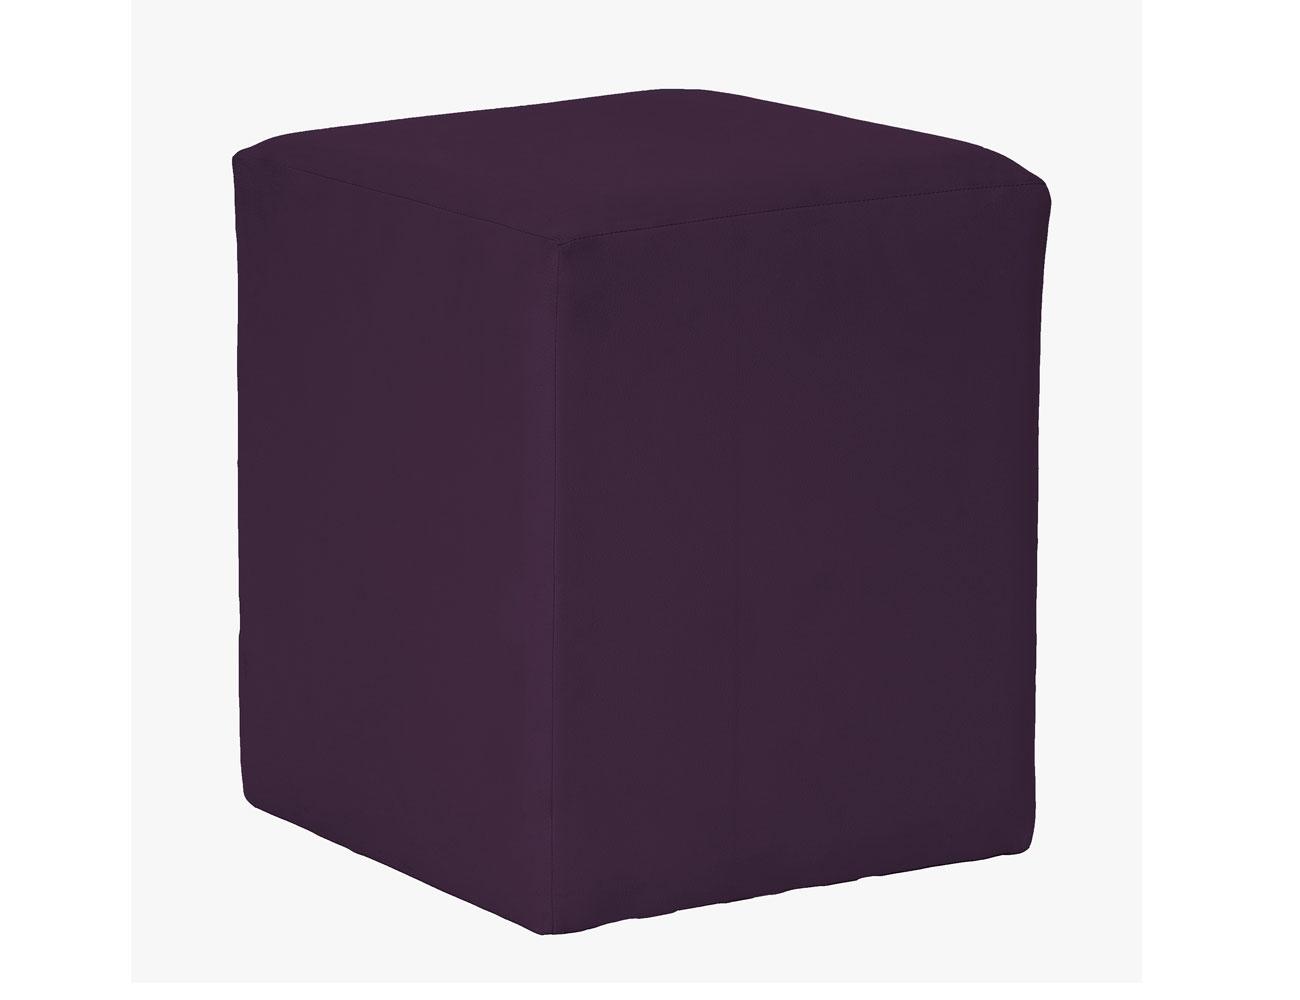 Taburete cubo morado